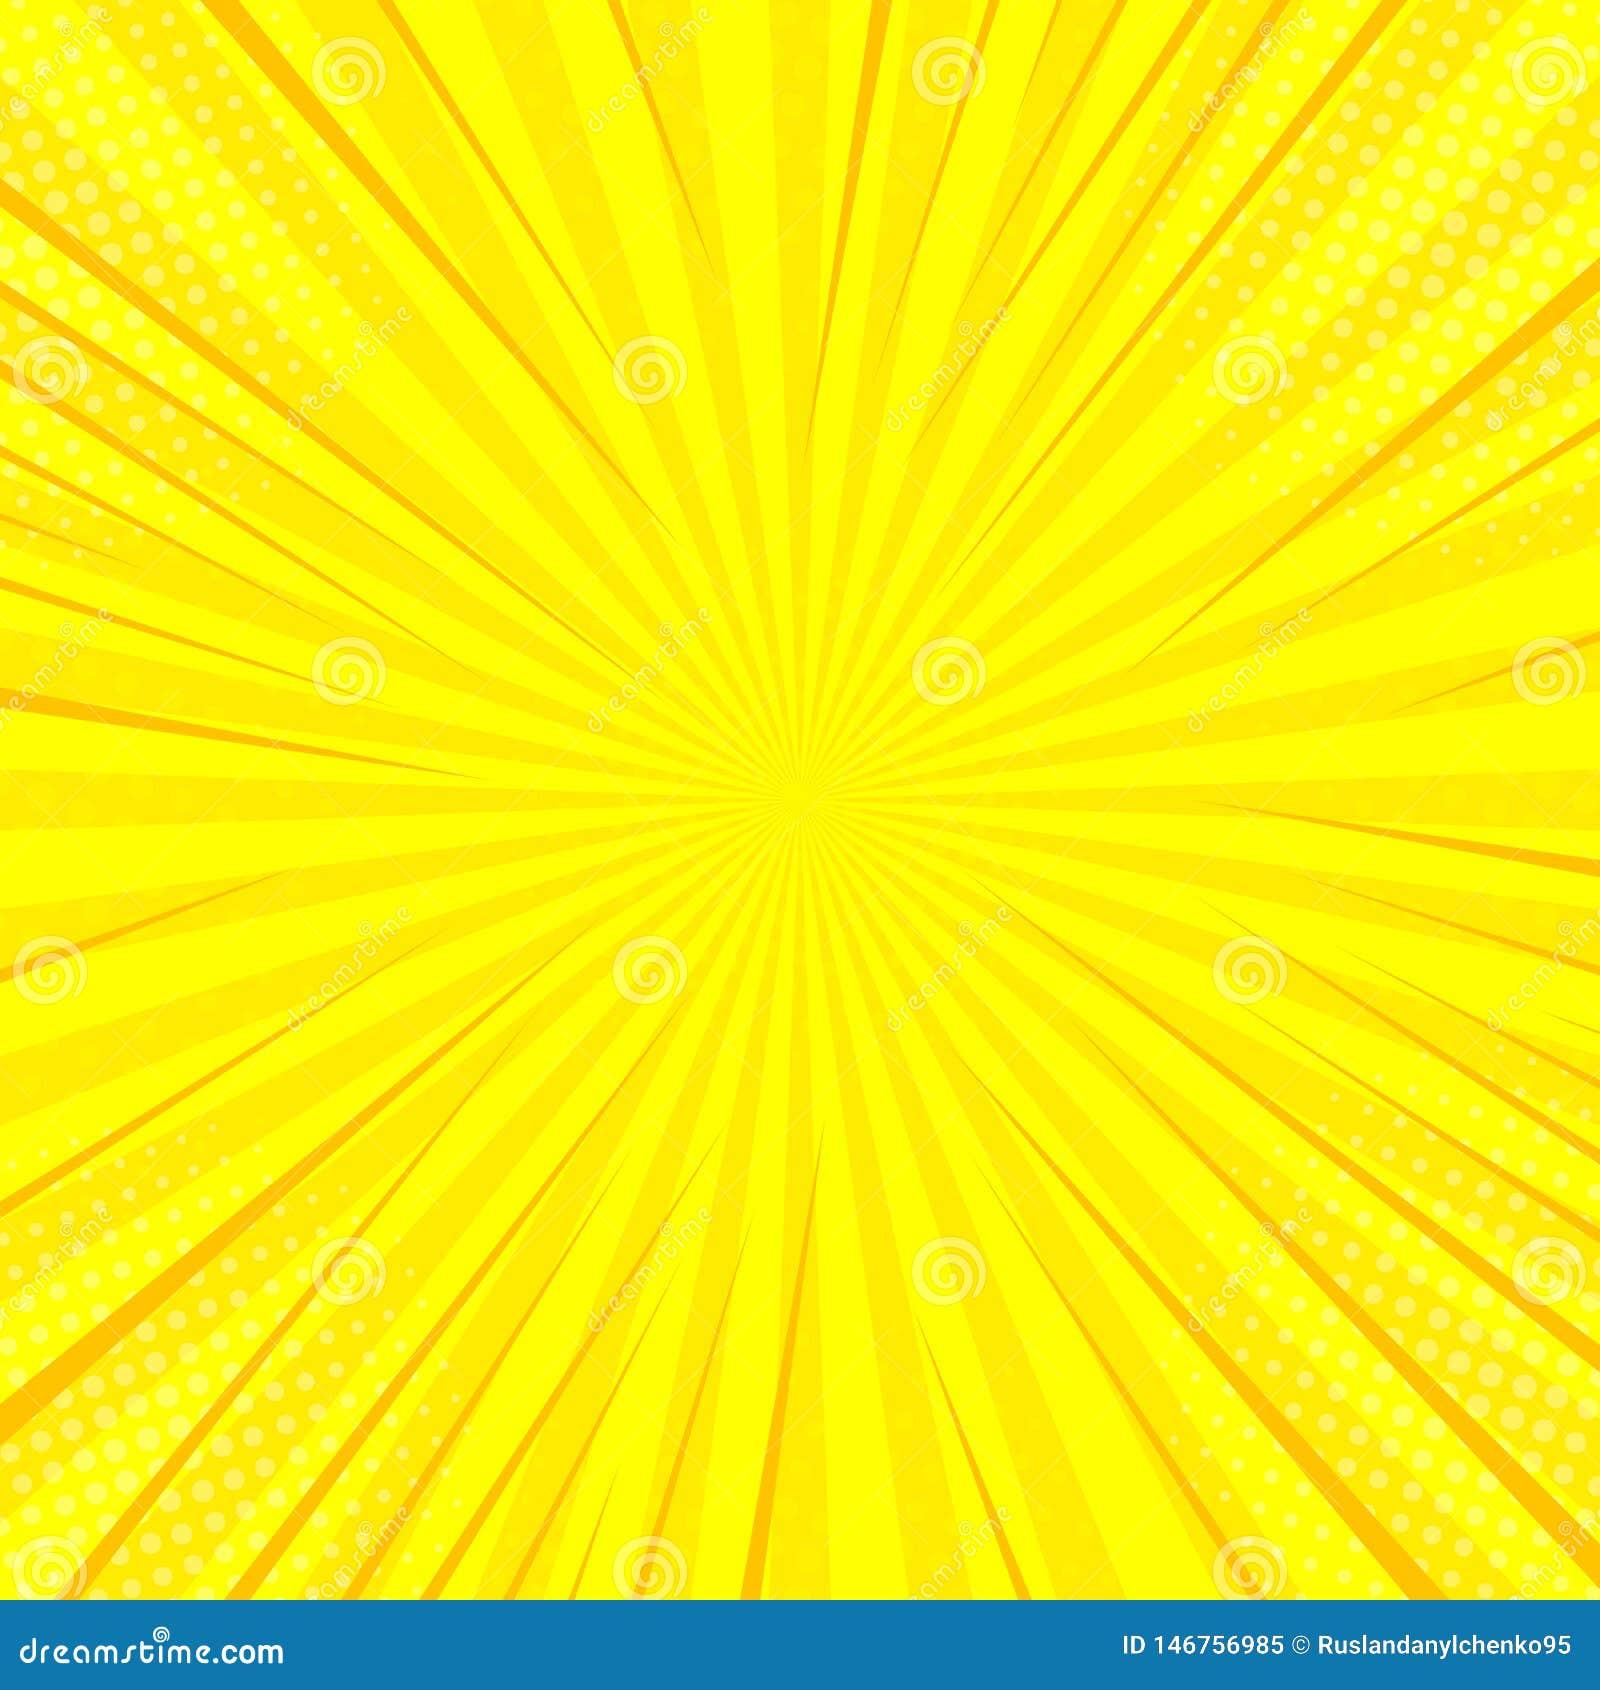 Κωμικό κίτρινο ήλιων ακτίνων υποβάθρου λαϊκό σχέδιο κιτς απεικόνισης τέχνης αναδρομικό